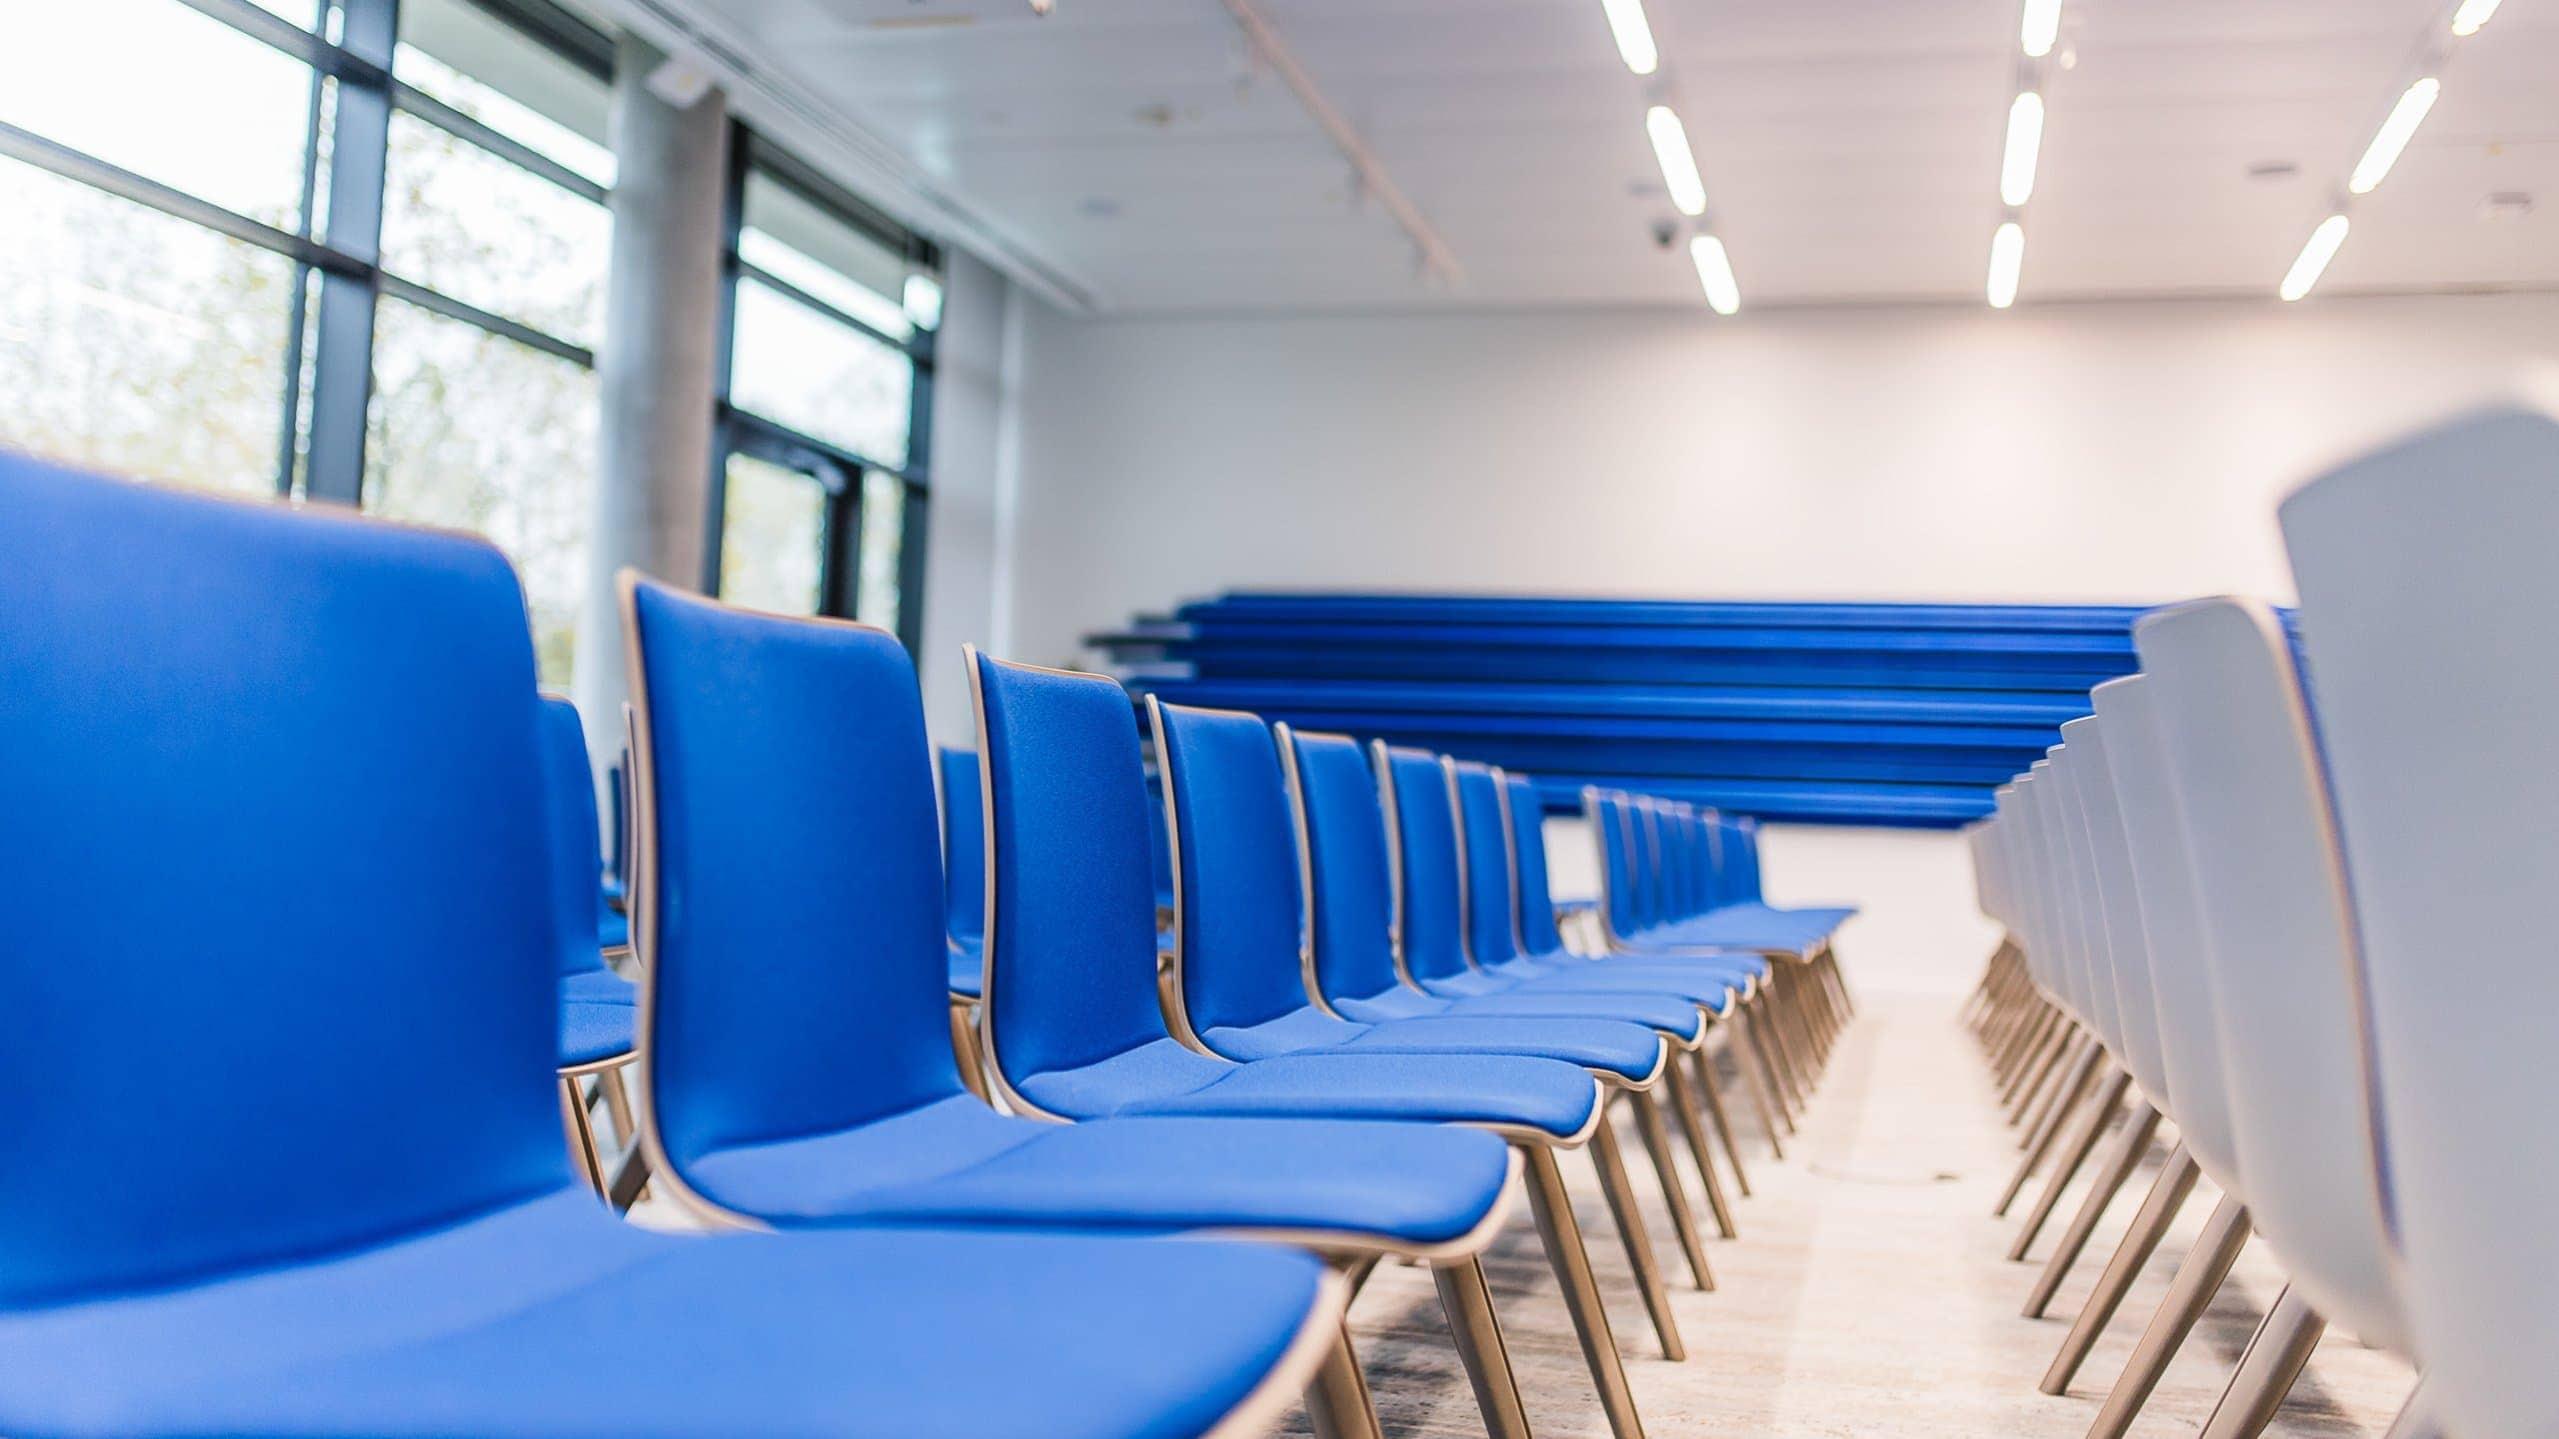 JungundWilddesign Business Architektur Interior 019